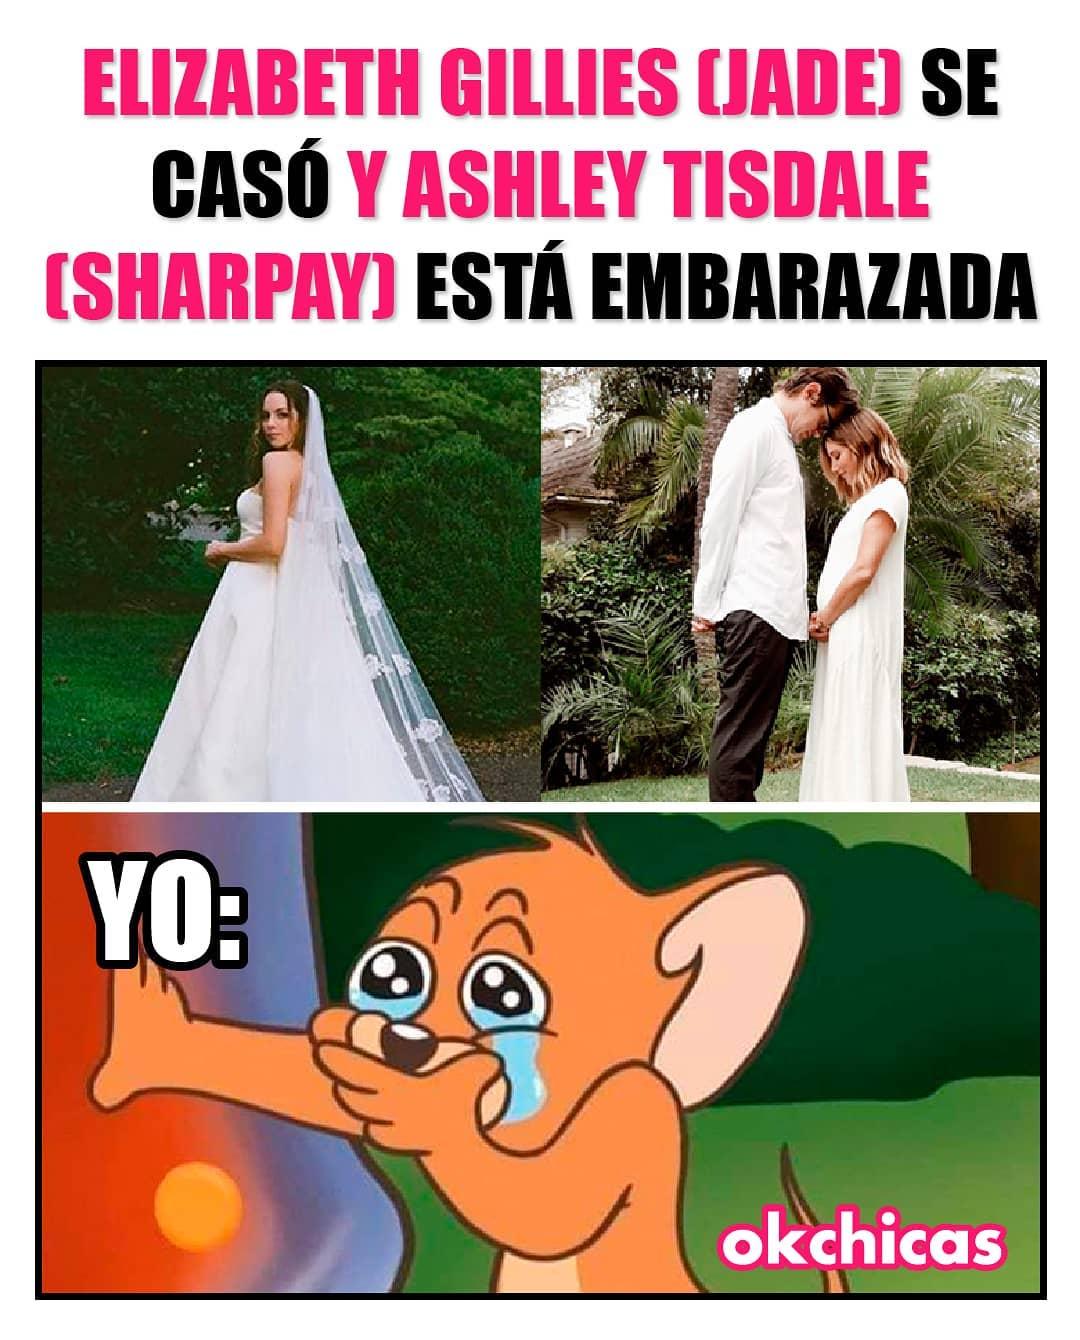 Elizabeth Gillies (Jade) se casó y Ashley Tisdale (Sharpay) está embarazada.  Yo: